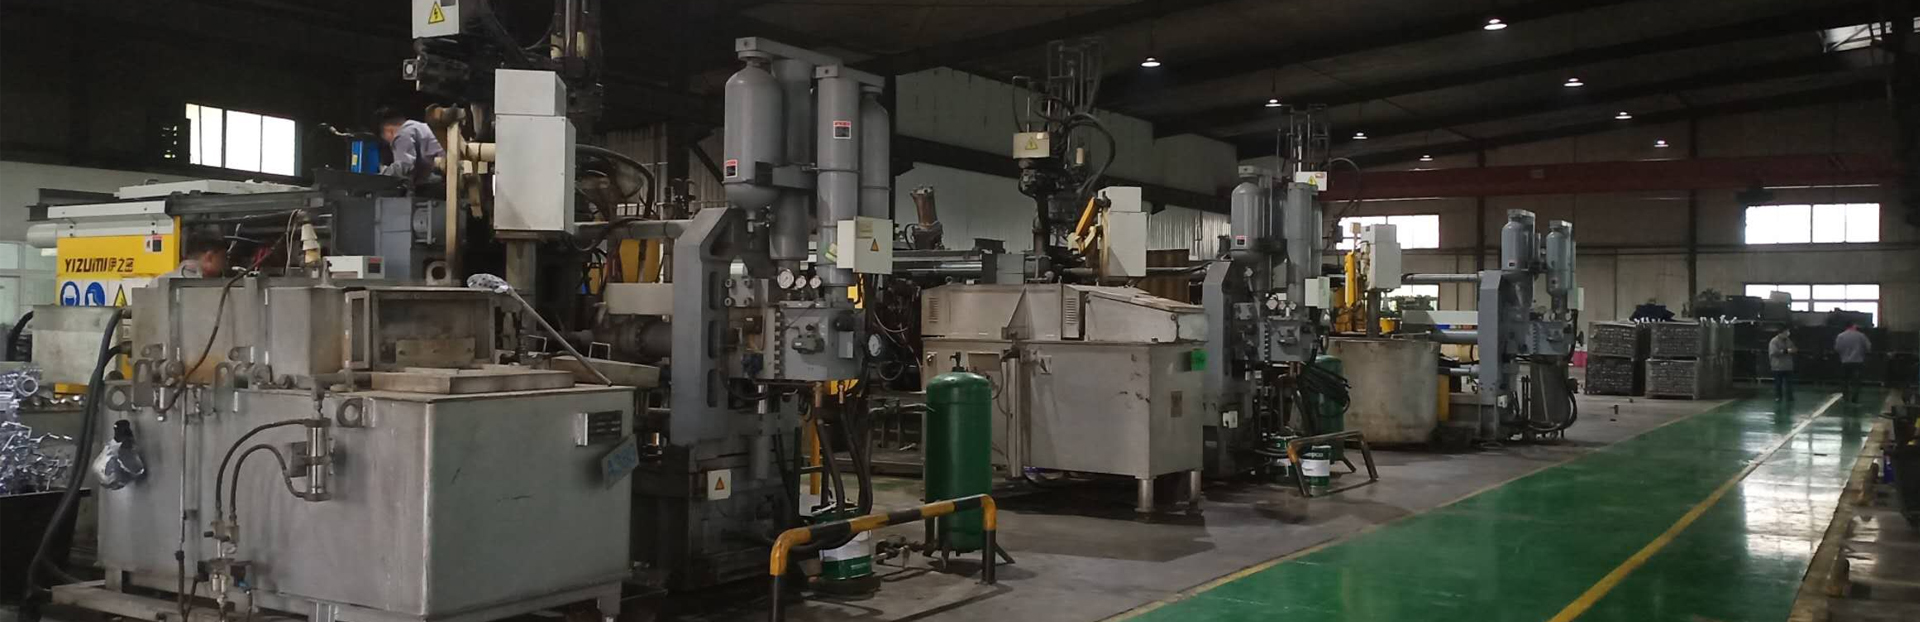 Производствени съоръжения и списък с оборудване за леене под налягане